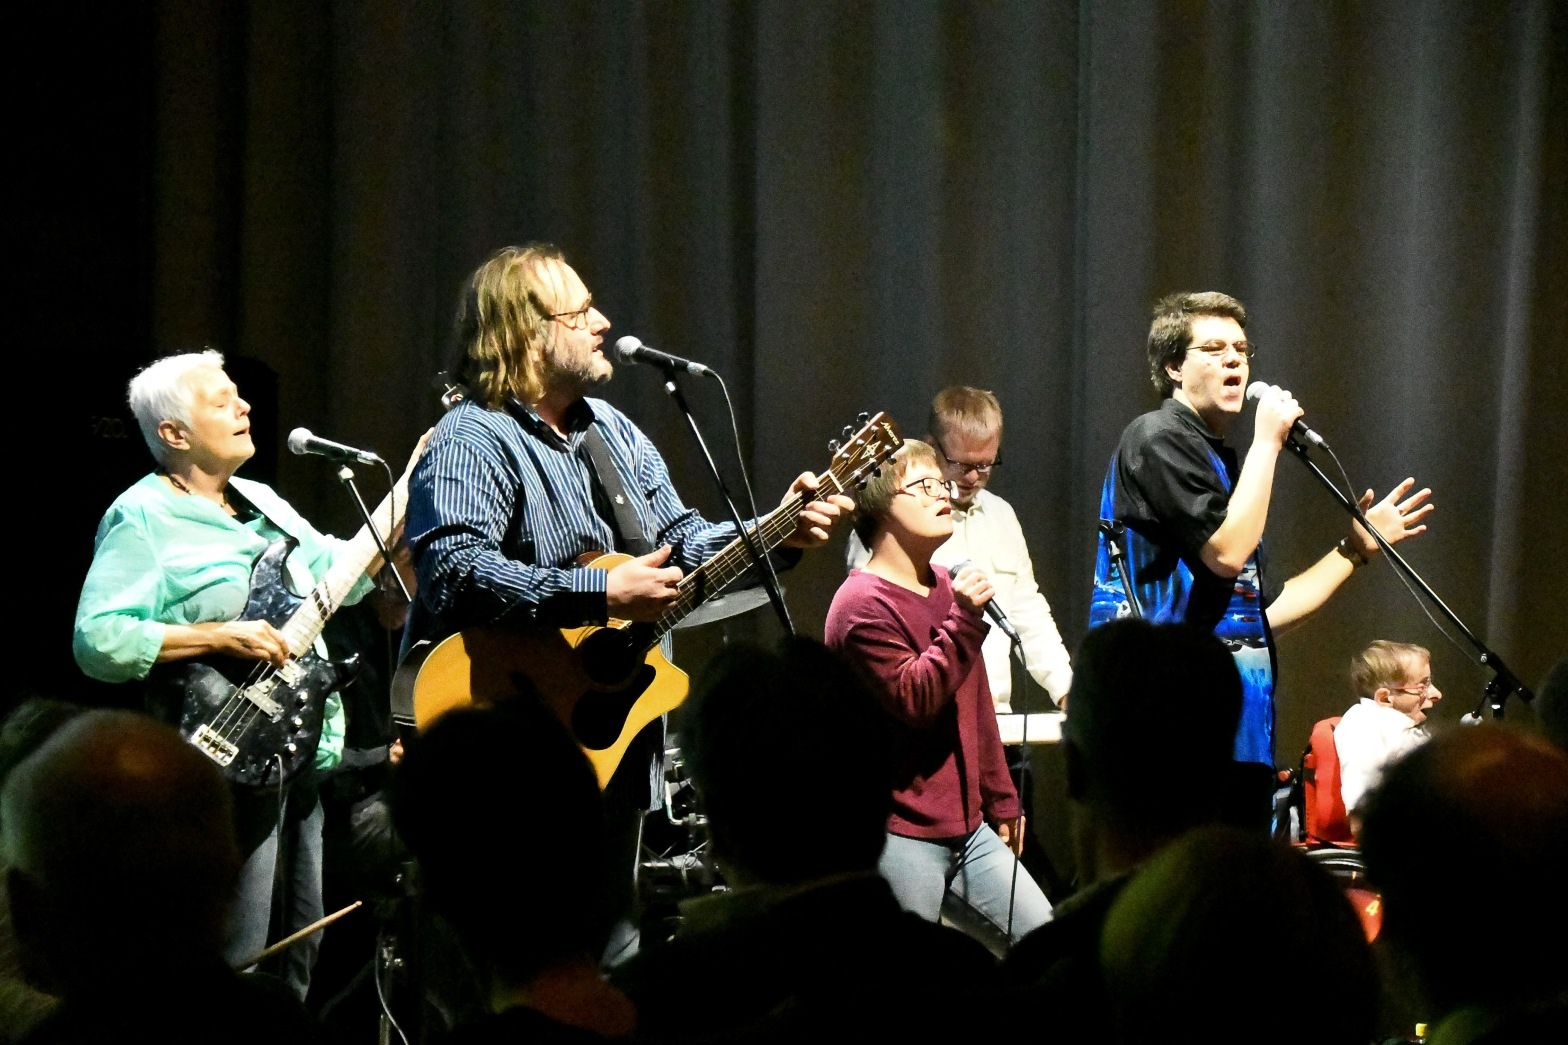 Sechs Musizierende auf einer Bühne, von links nach rechts eine Musikerin mit E-Bass, ein Musiker mit Akustikgitarre, eine Sängerin, ein Keyboarder und zwei Sänger. im Vordergrund Schatten von sitzendem Publikum, im Hintergrund ein grauer Vorhang